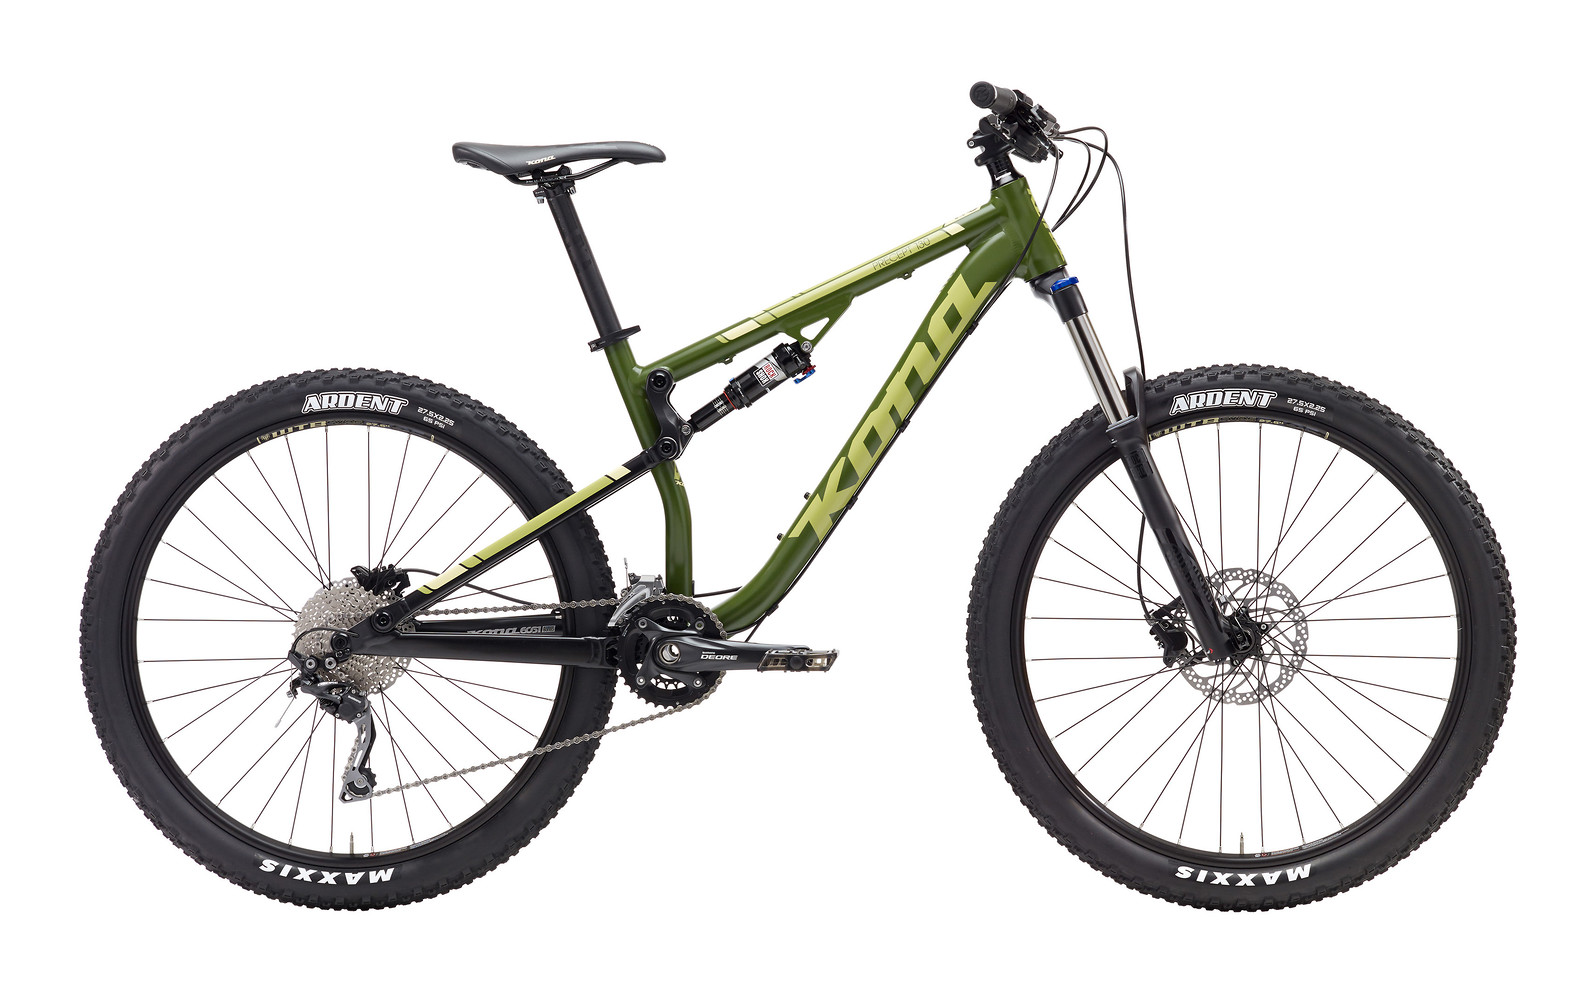 2017 Kona Precept 130 Bike